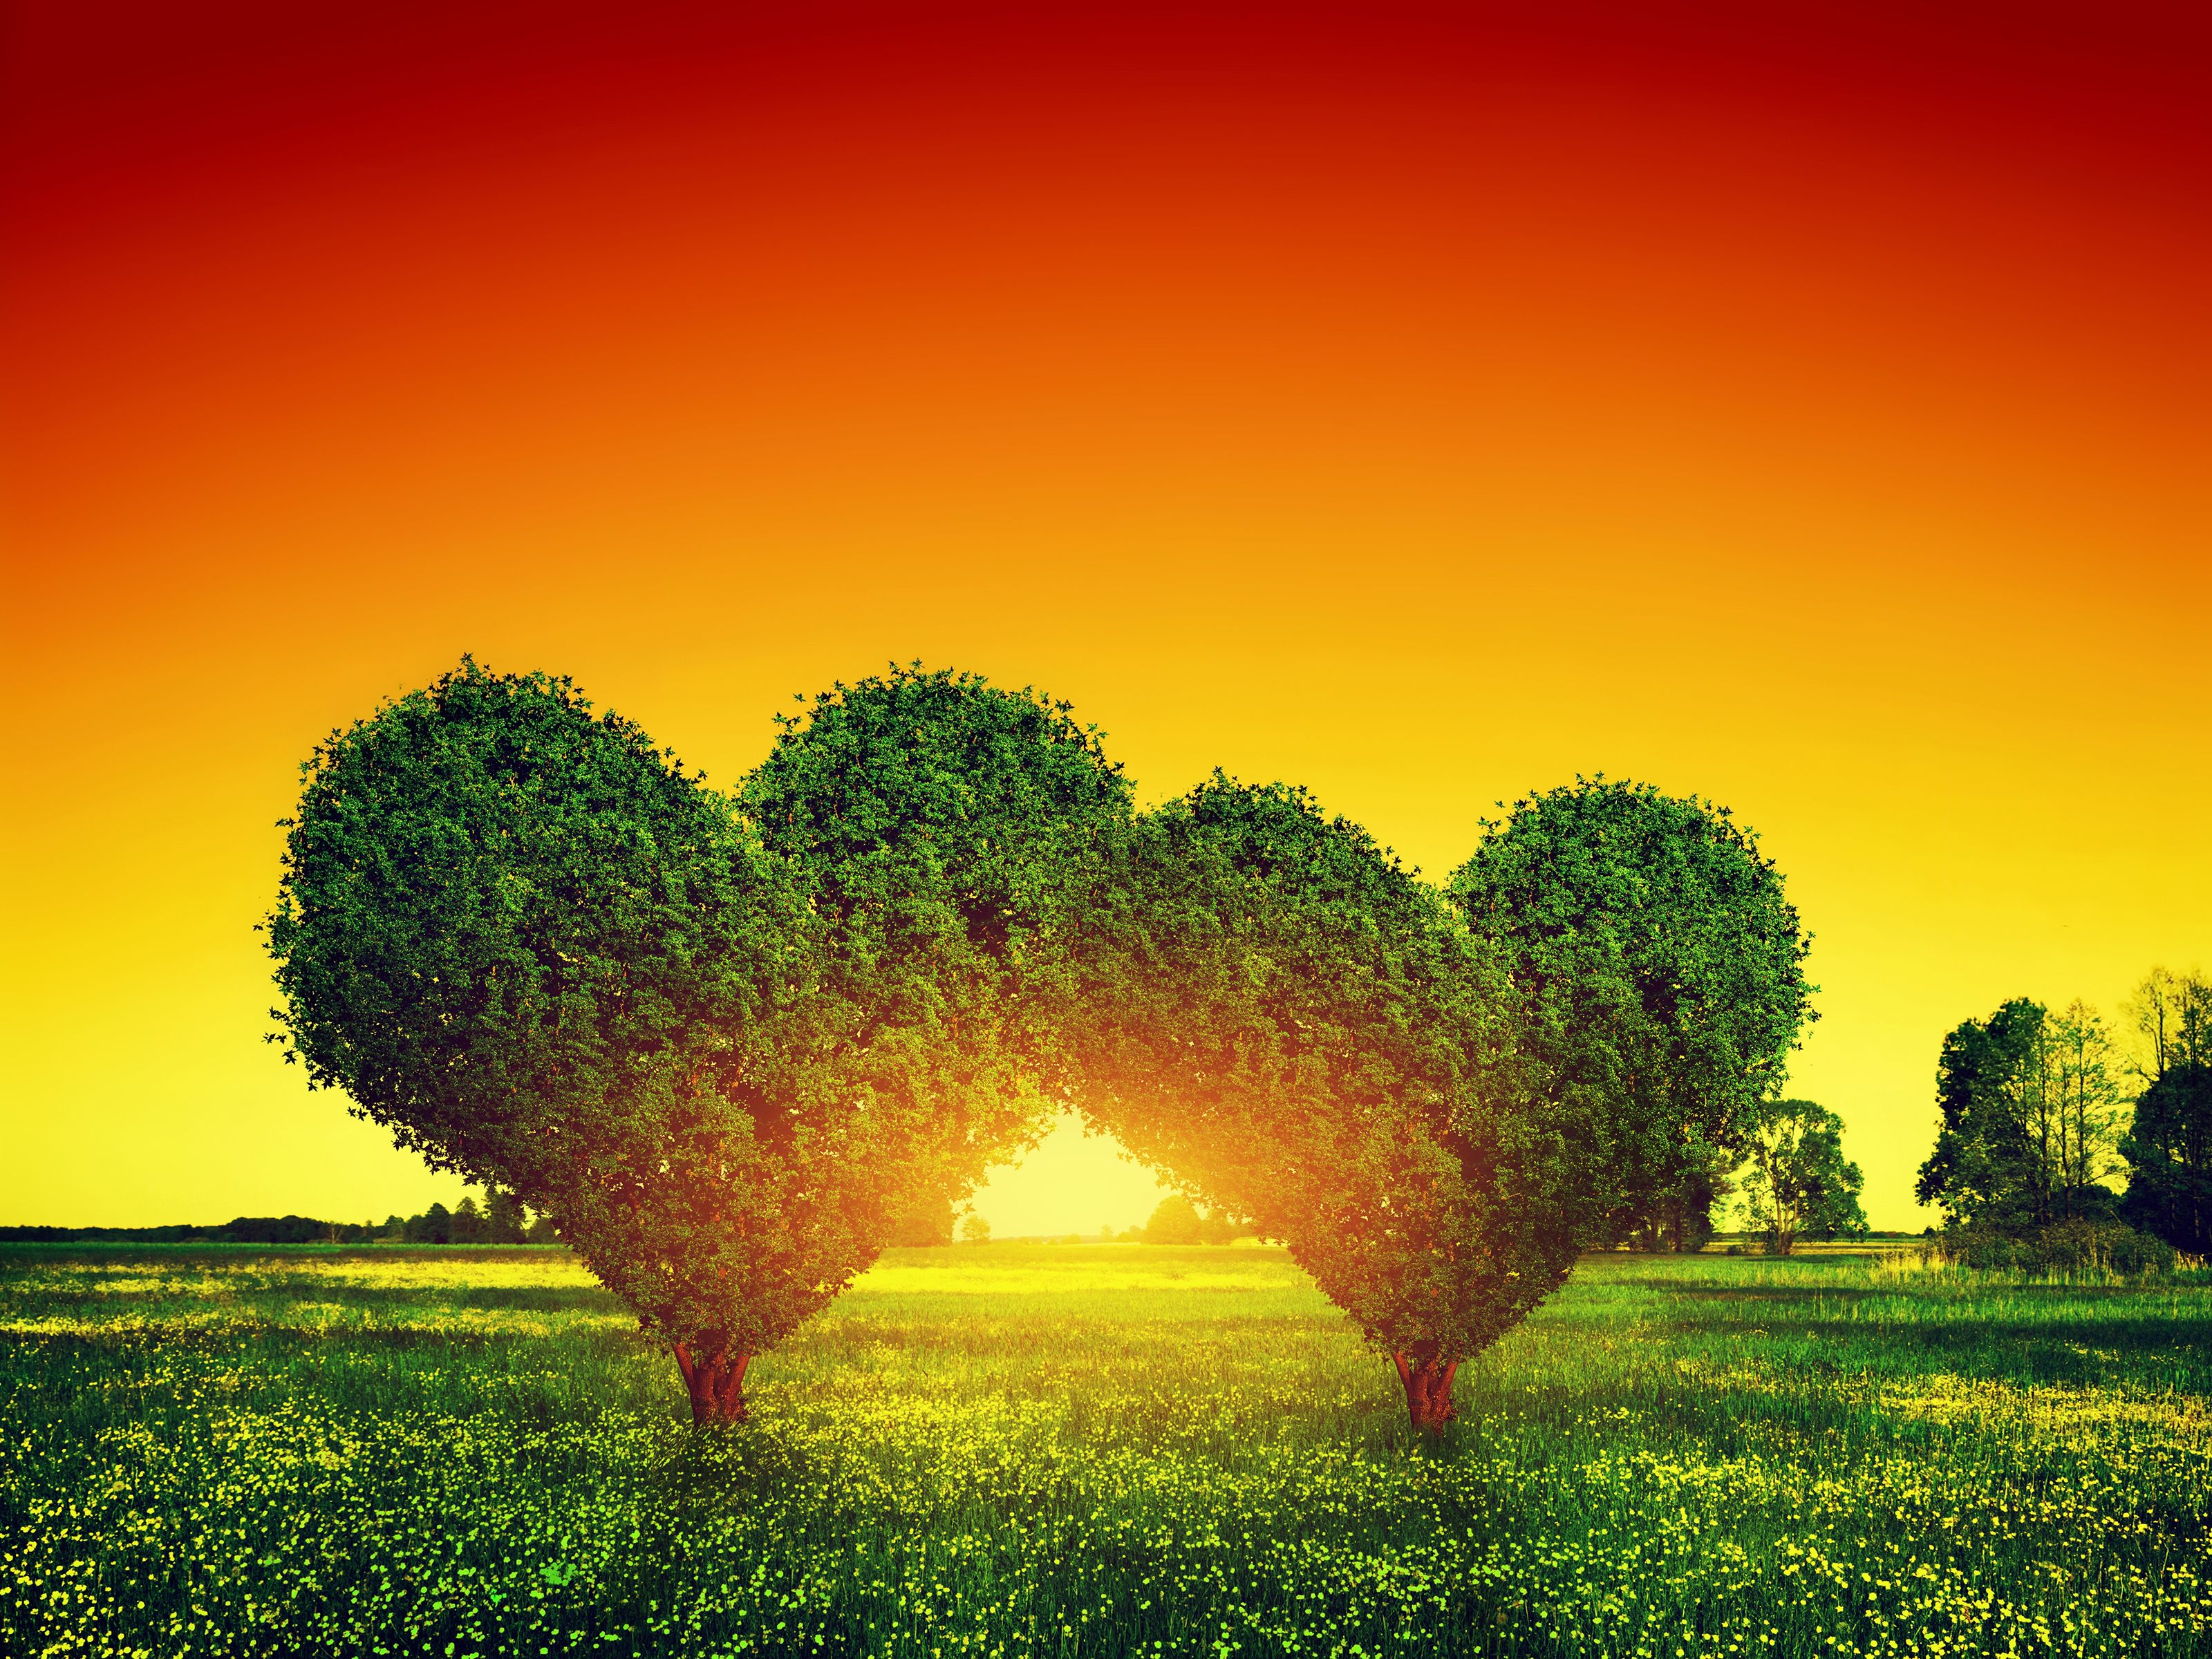 Good Wallpaper Love Green - 2059158feca33ccfc33036aab431bdf4  Snapshot_807753.jpg